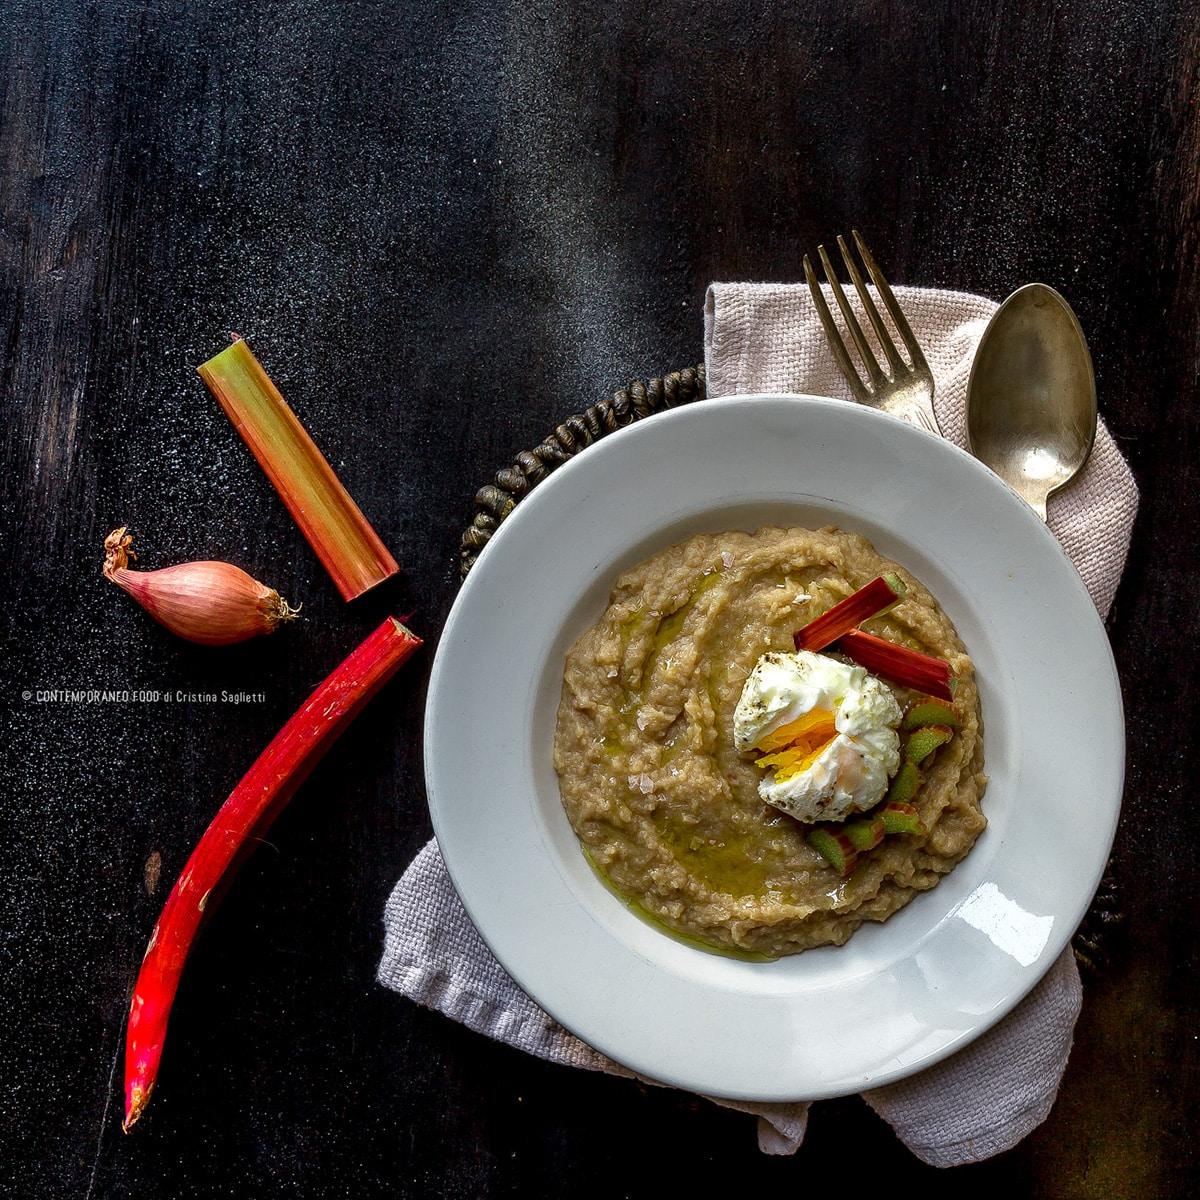 crema-di-rabarbaro-cipolla-di-tropea-patate-con-uovo-ricetta-facile-antipasto-contemporaneo-food